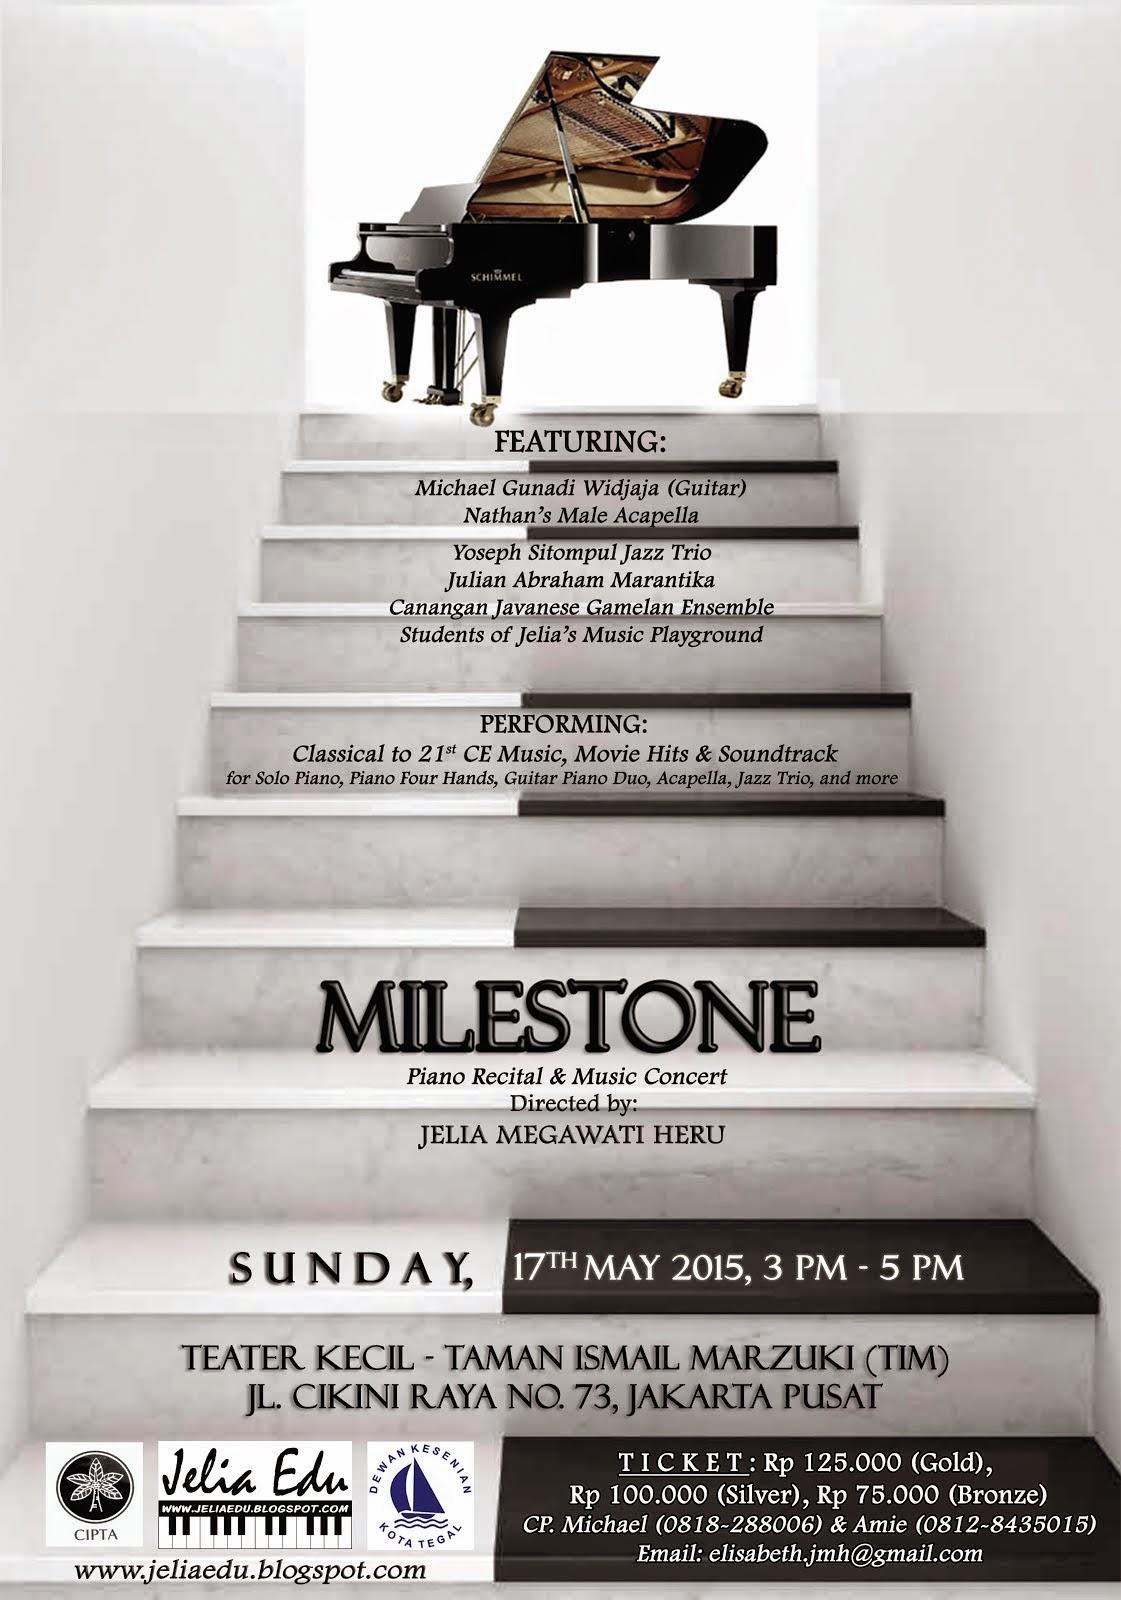 MILESTONE Piano Recital